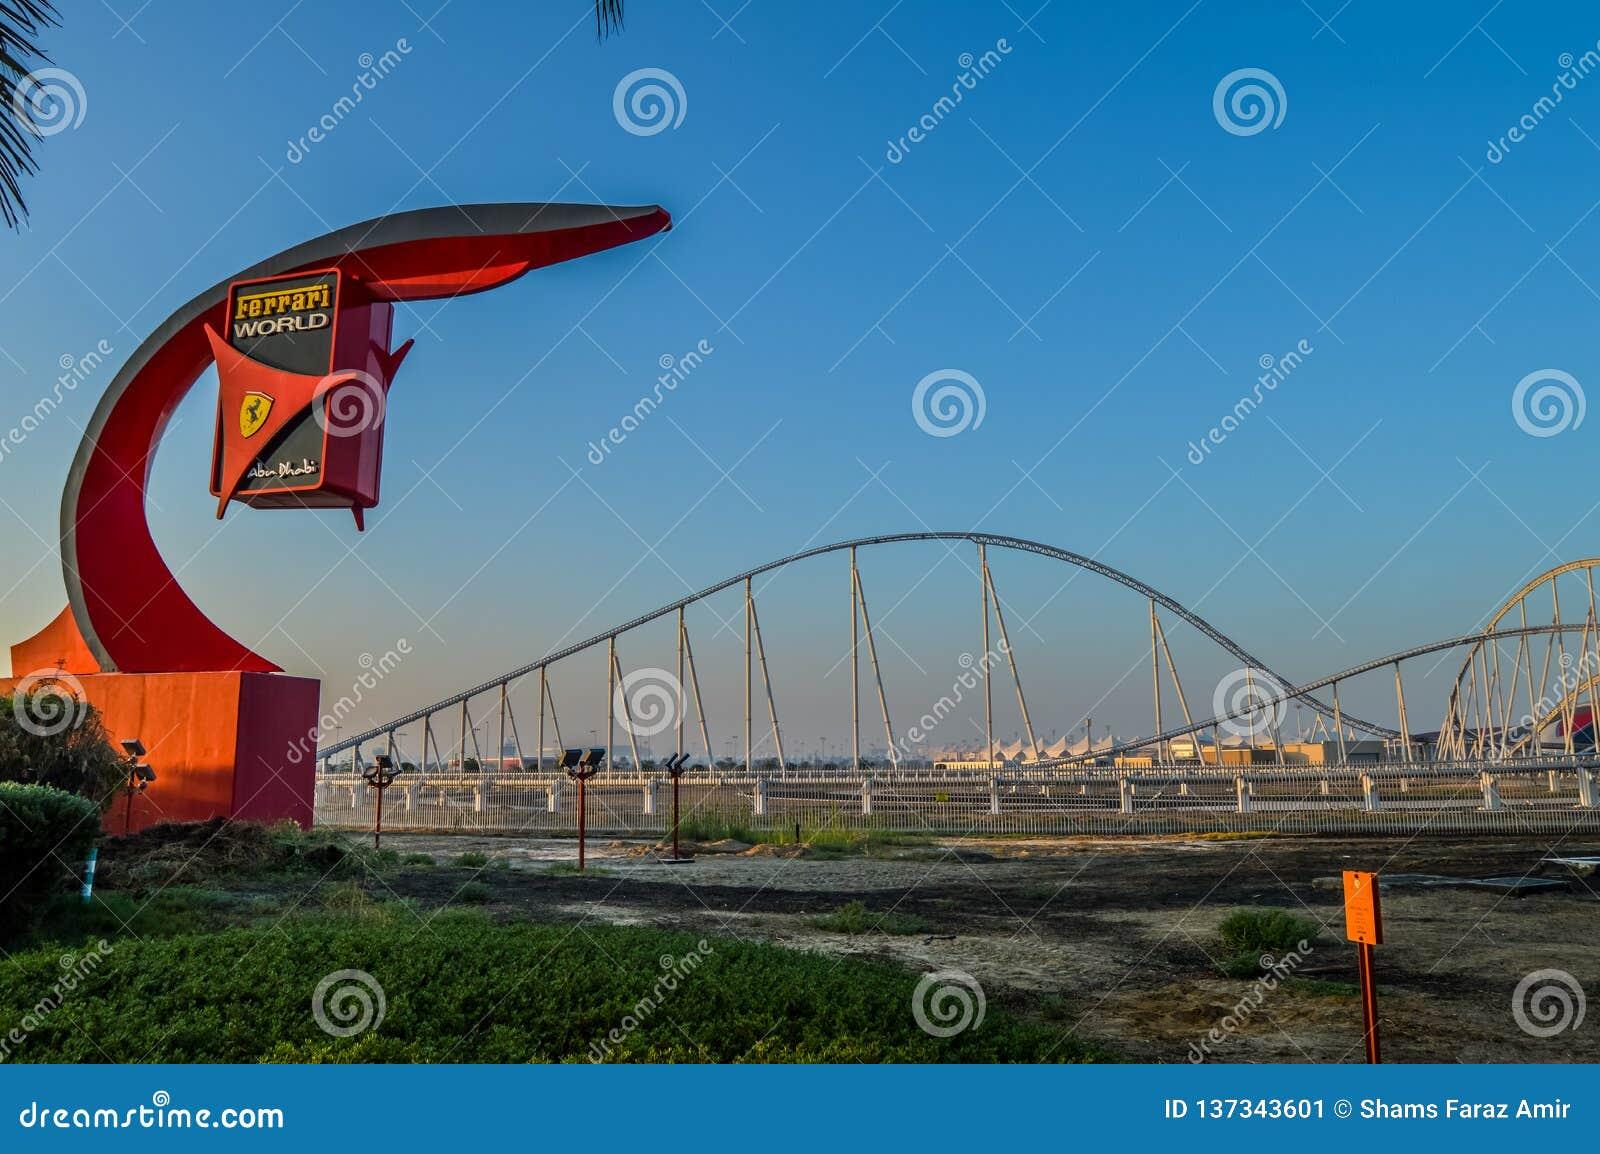 Exteriores del mundo de Ferrari, un parque de atracciones en Abu Dhabi en la isla de Yas